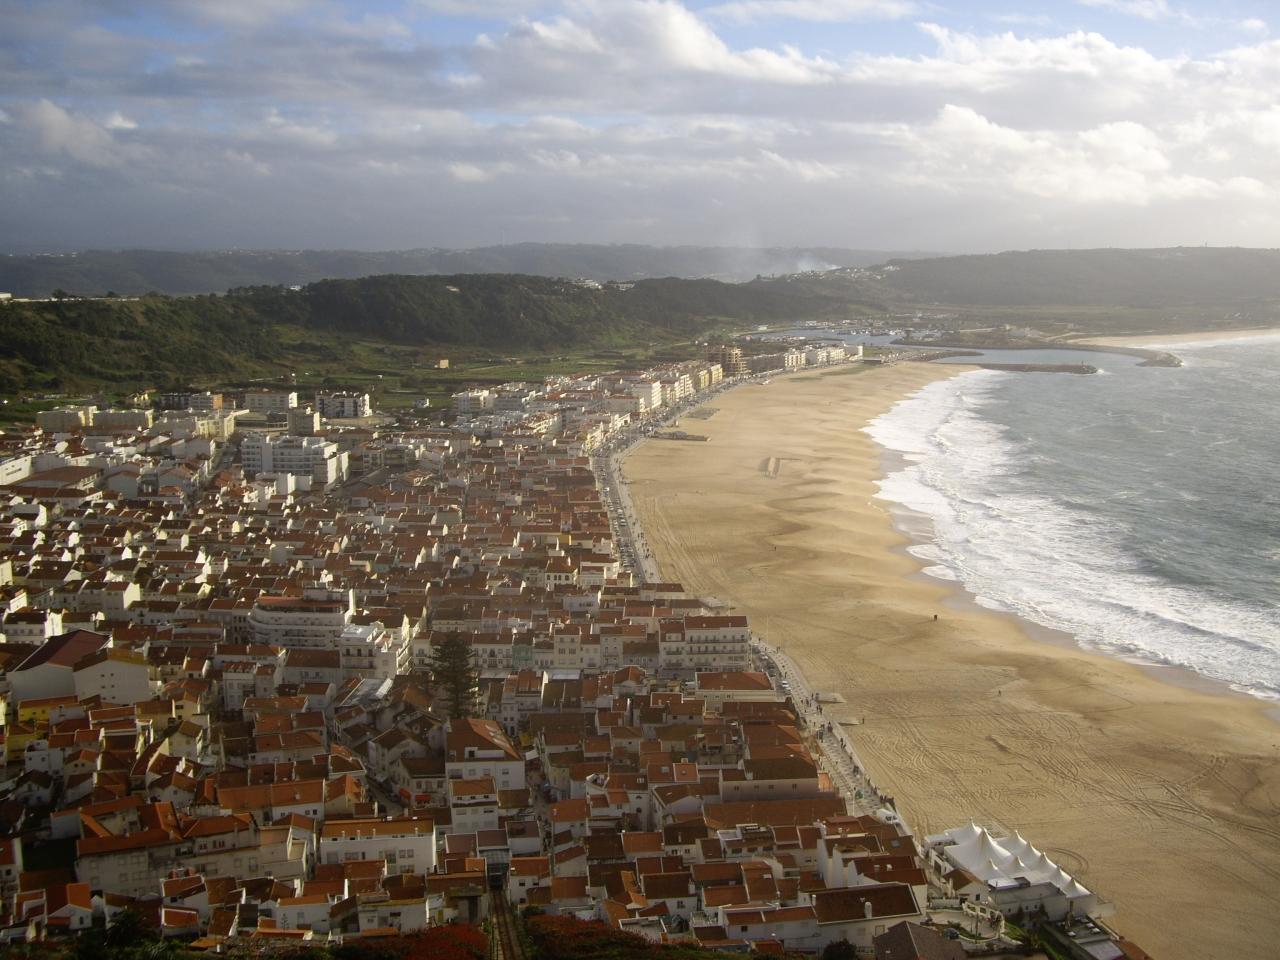 ポルトガル周遊旅行(2009年末)/ナザレ散策編